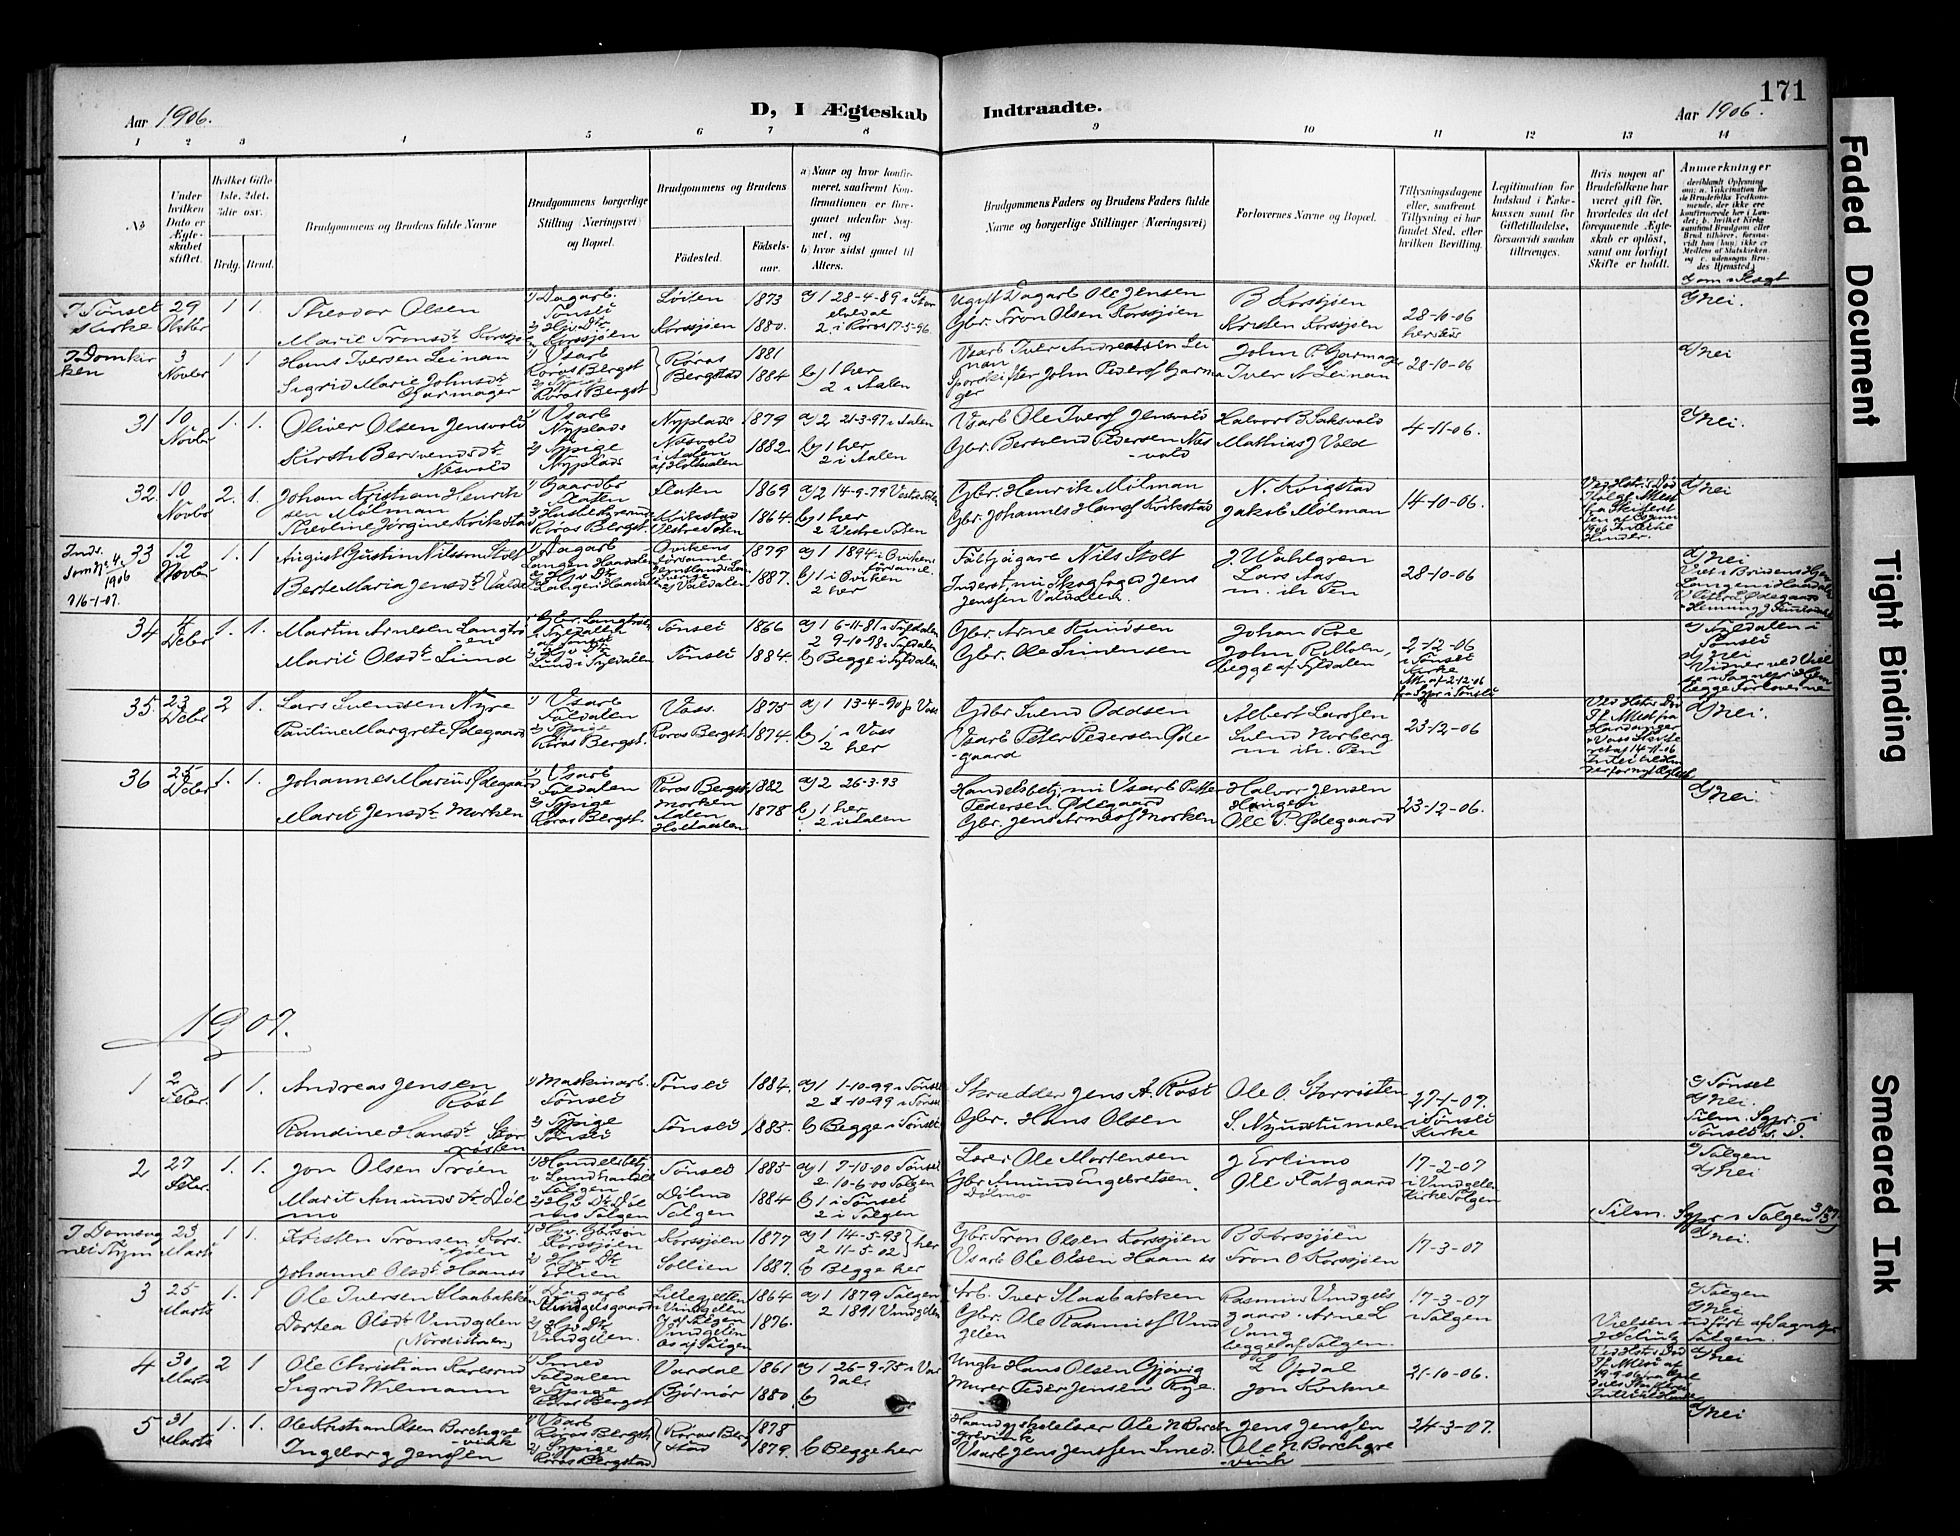 SAT, Ministerialprotokoller, klokkerbøker og fødselsregistre - Sør-Trøndelag, 681/L0936: Ministerialbok nr. 681A14, 1899-1908, s. 171